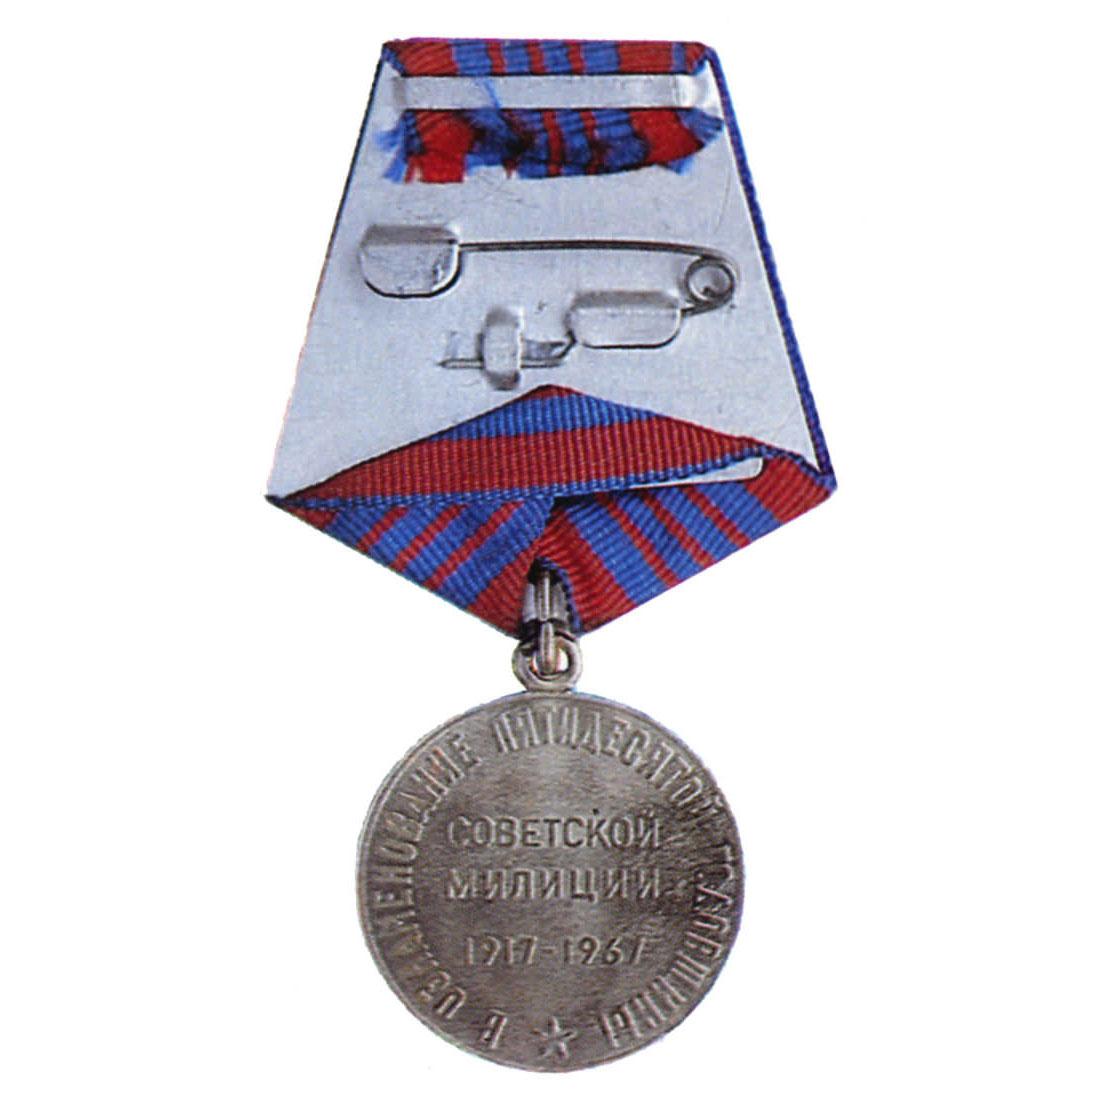 Медаль 50 лет советской милиции - 1